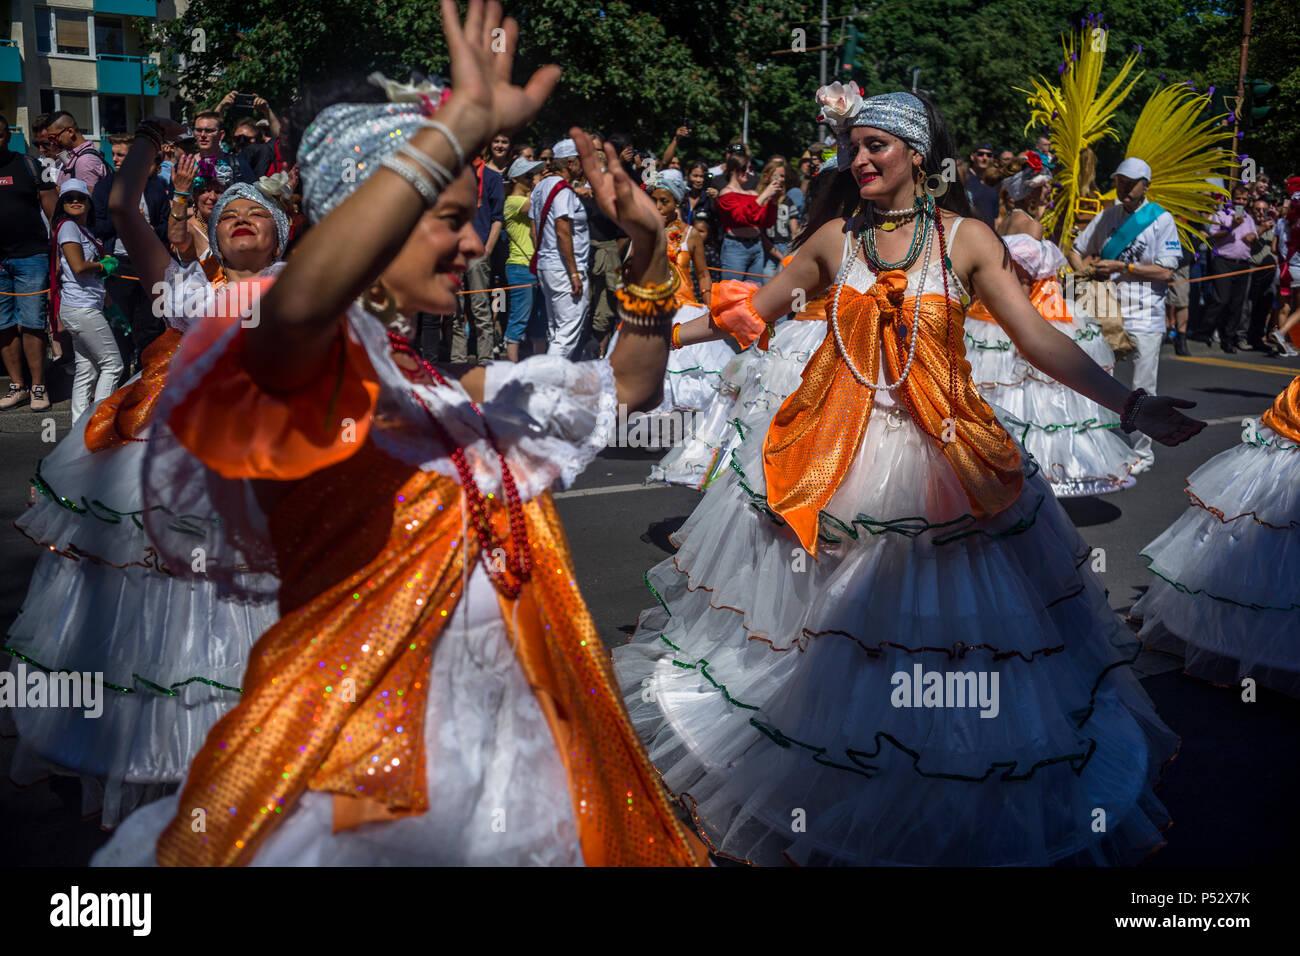 La street parade est le point culminant du Carnaval des cultures au cours de la Pentecôte week-end à Berlin. Photo Stock